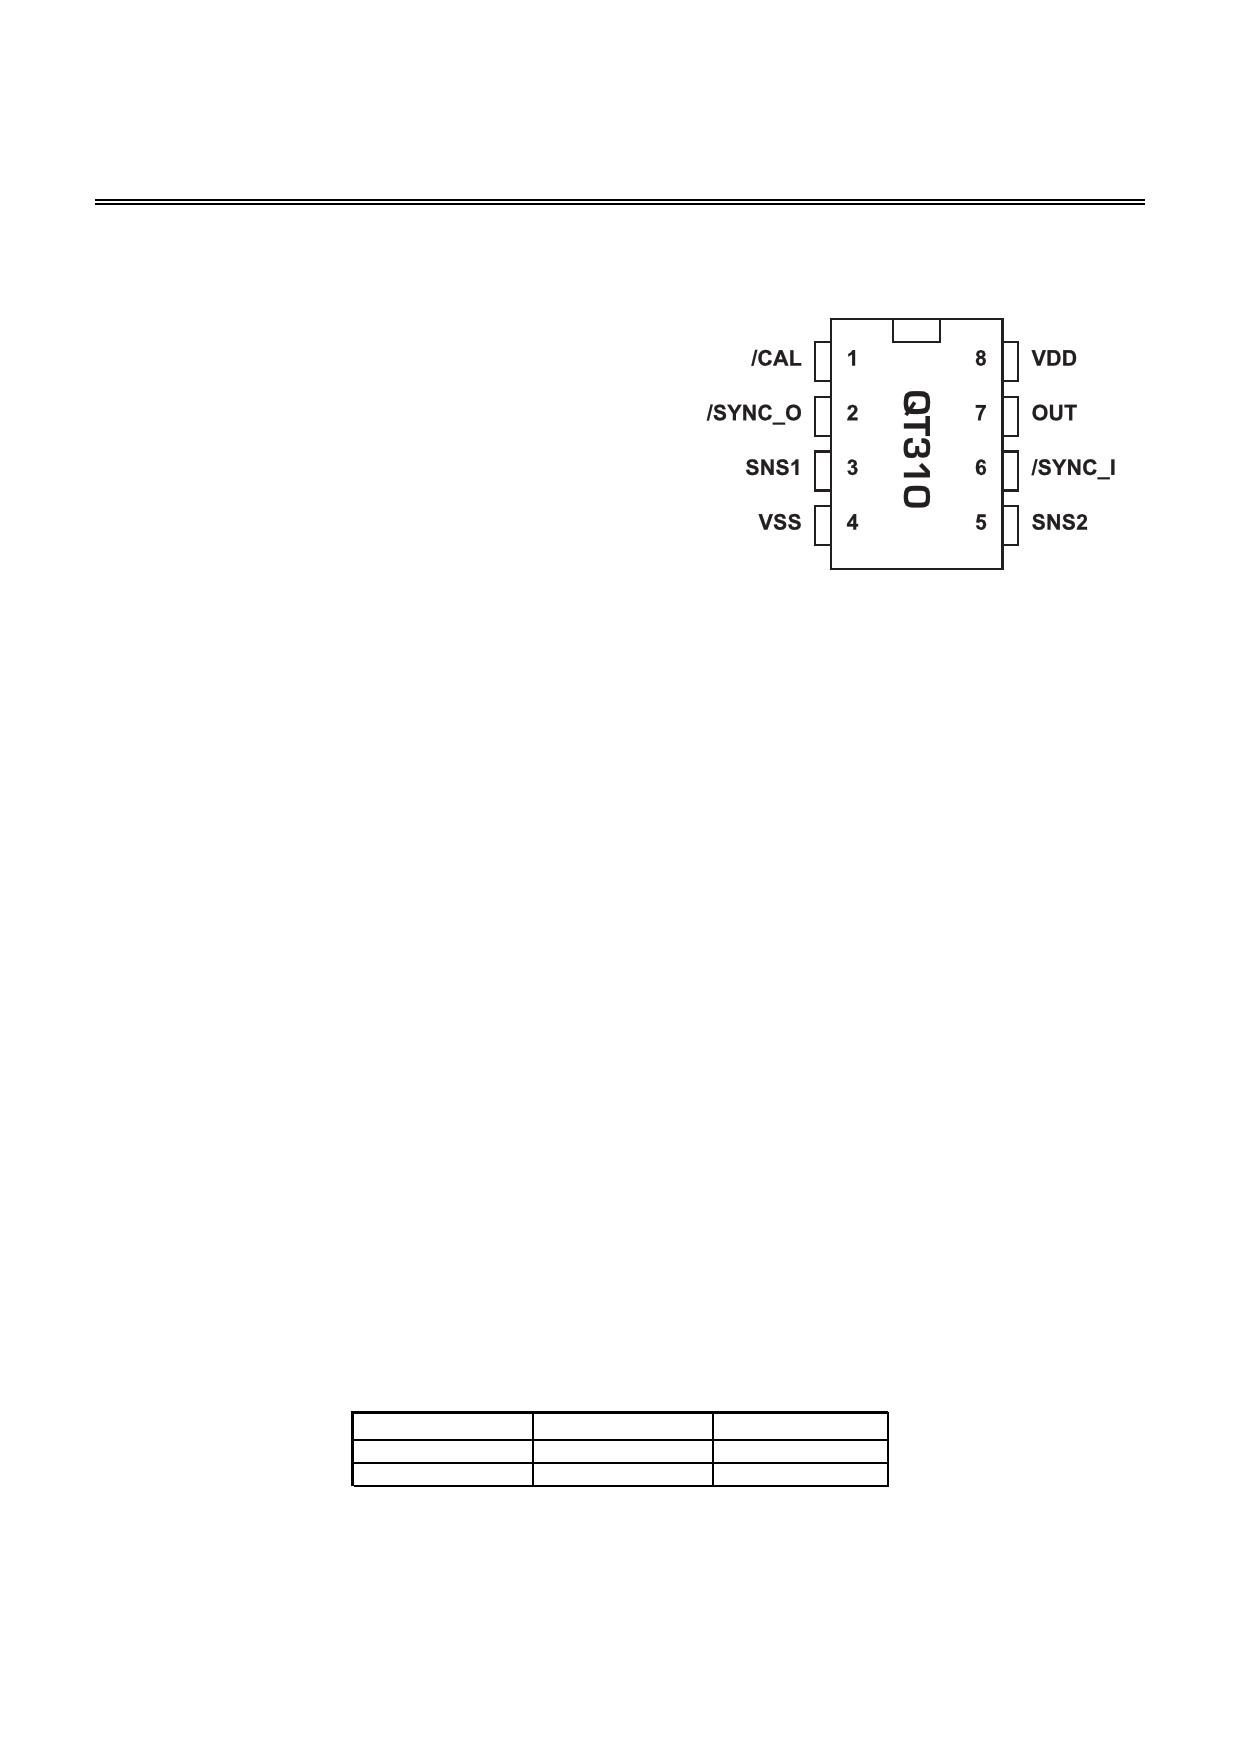 QT310 datasheet